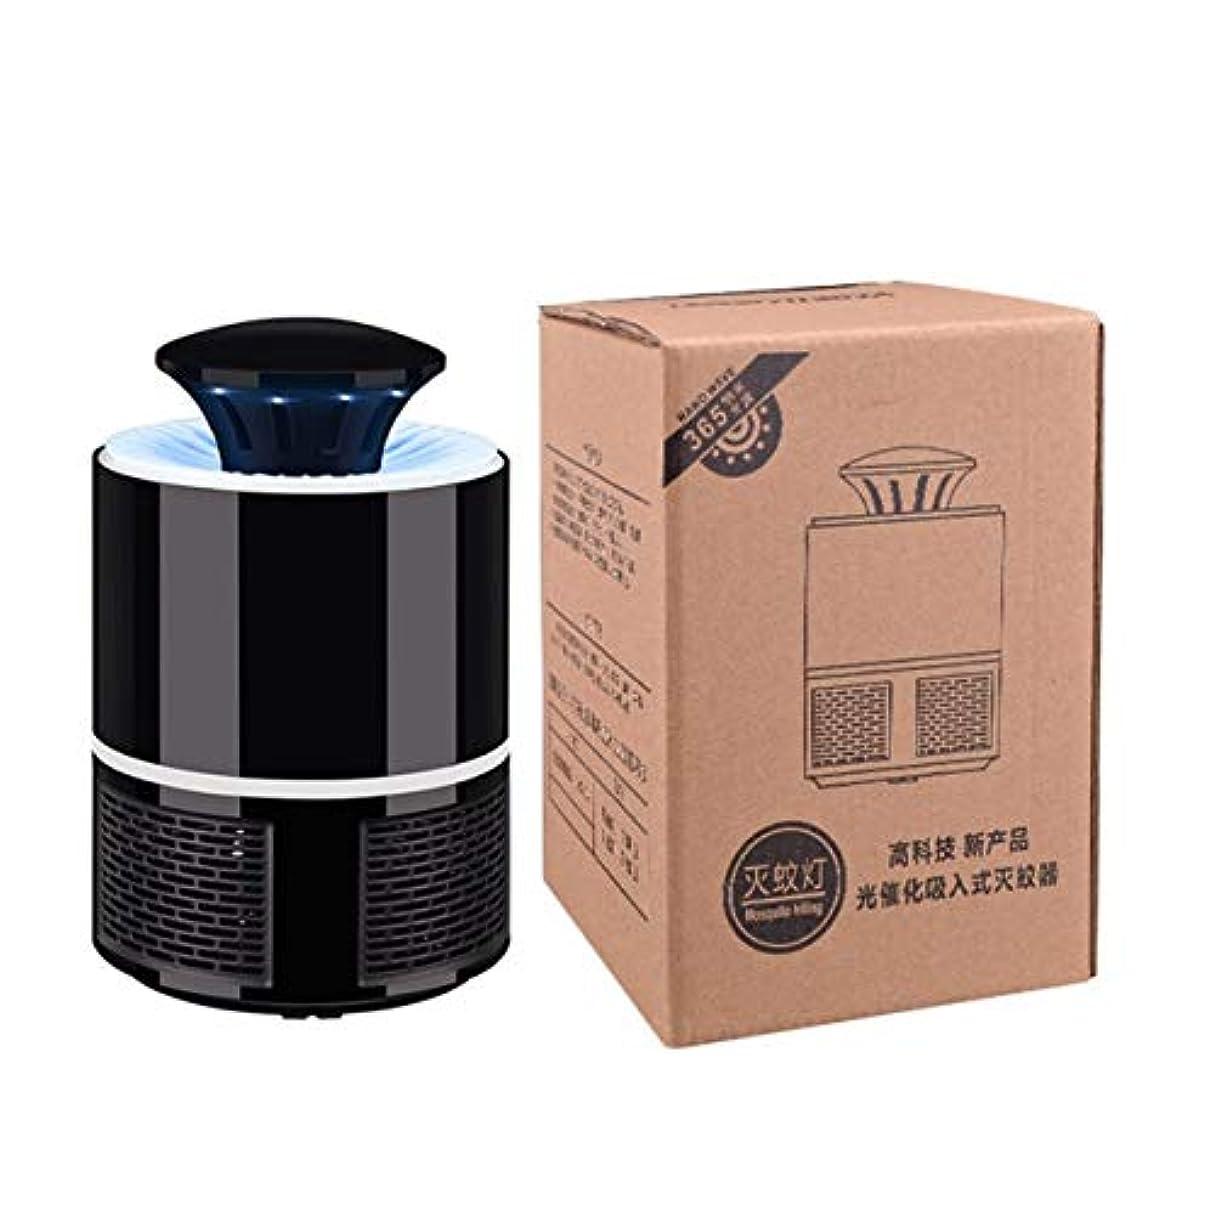 オフェンストレーダー関係ないSaikogoods USB無放射電子モスキートキラーライトランプ家庭の使用は USBモスキートトラップバグ昆虫ザッパーLEDライト 黒